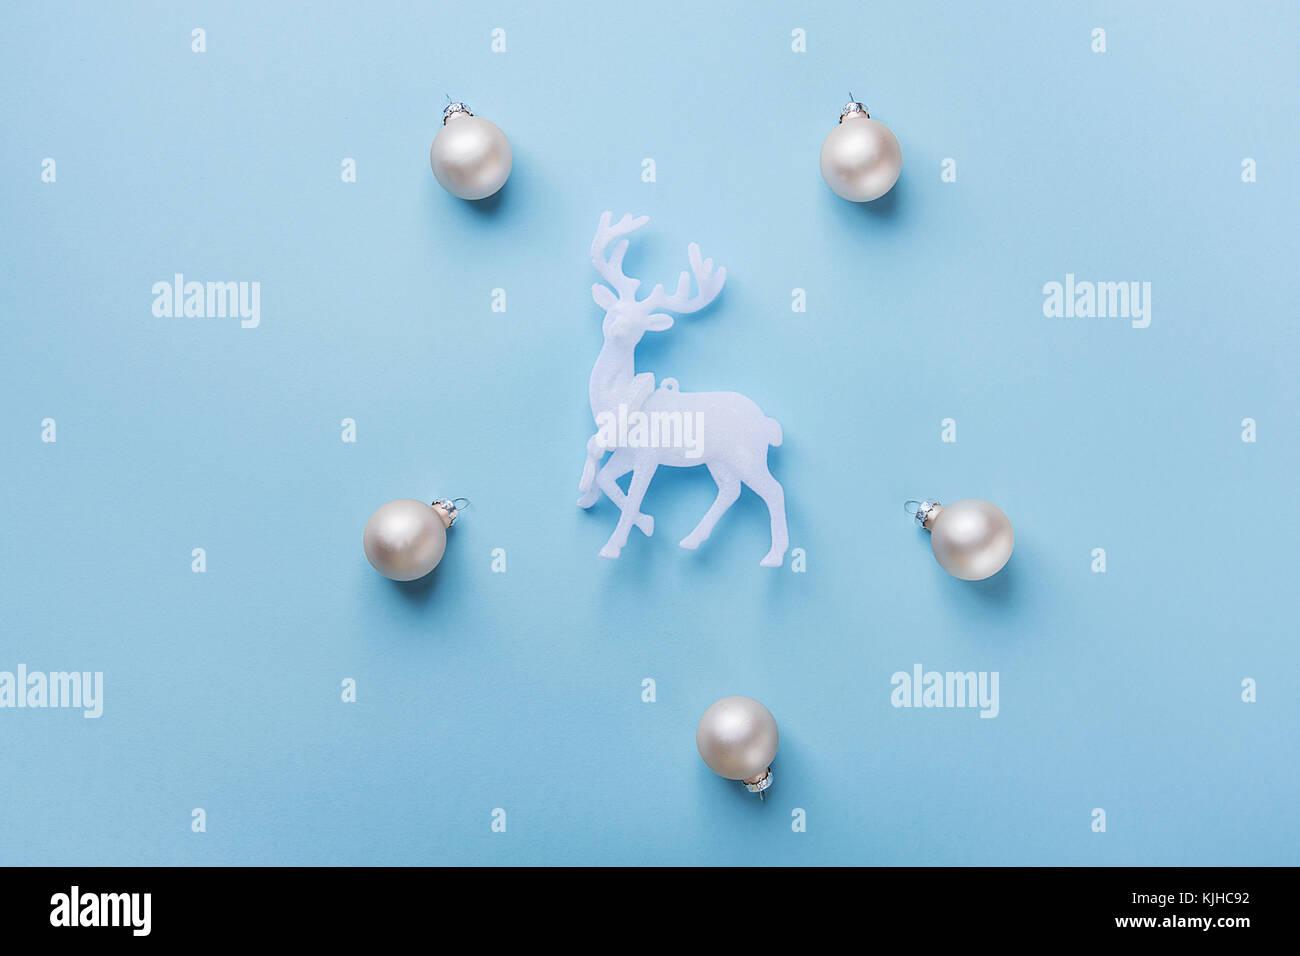 Elegante Weihnachten Neujahr Grußkarte Plakat weiße Rentier silber Kugeln Muster auf hellblauem Hintergrund. Stockbild